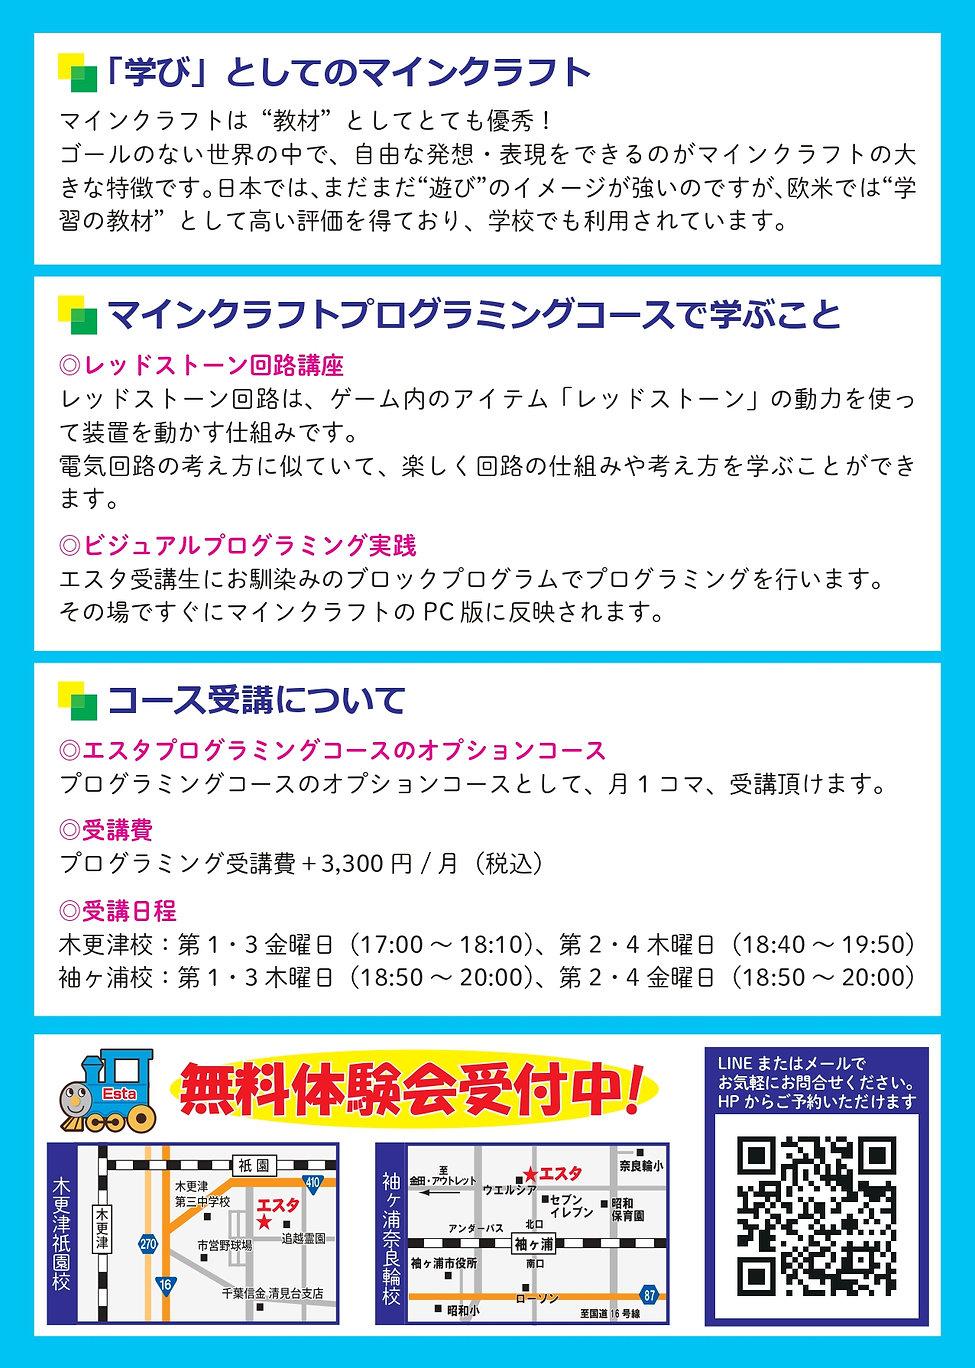 マイクラコース縦_page-0002.jpg